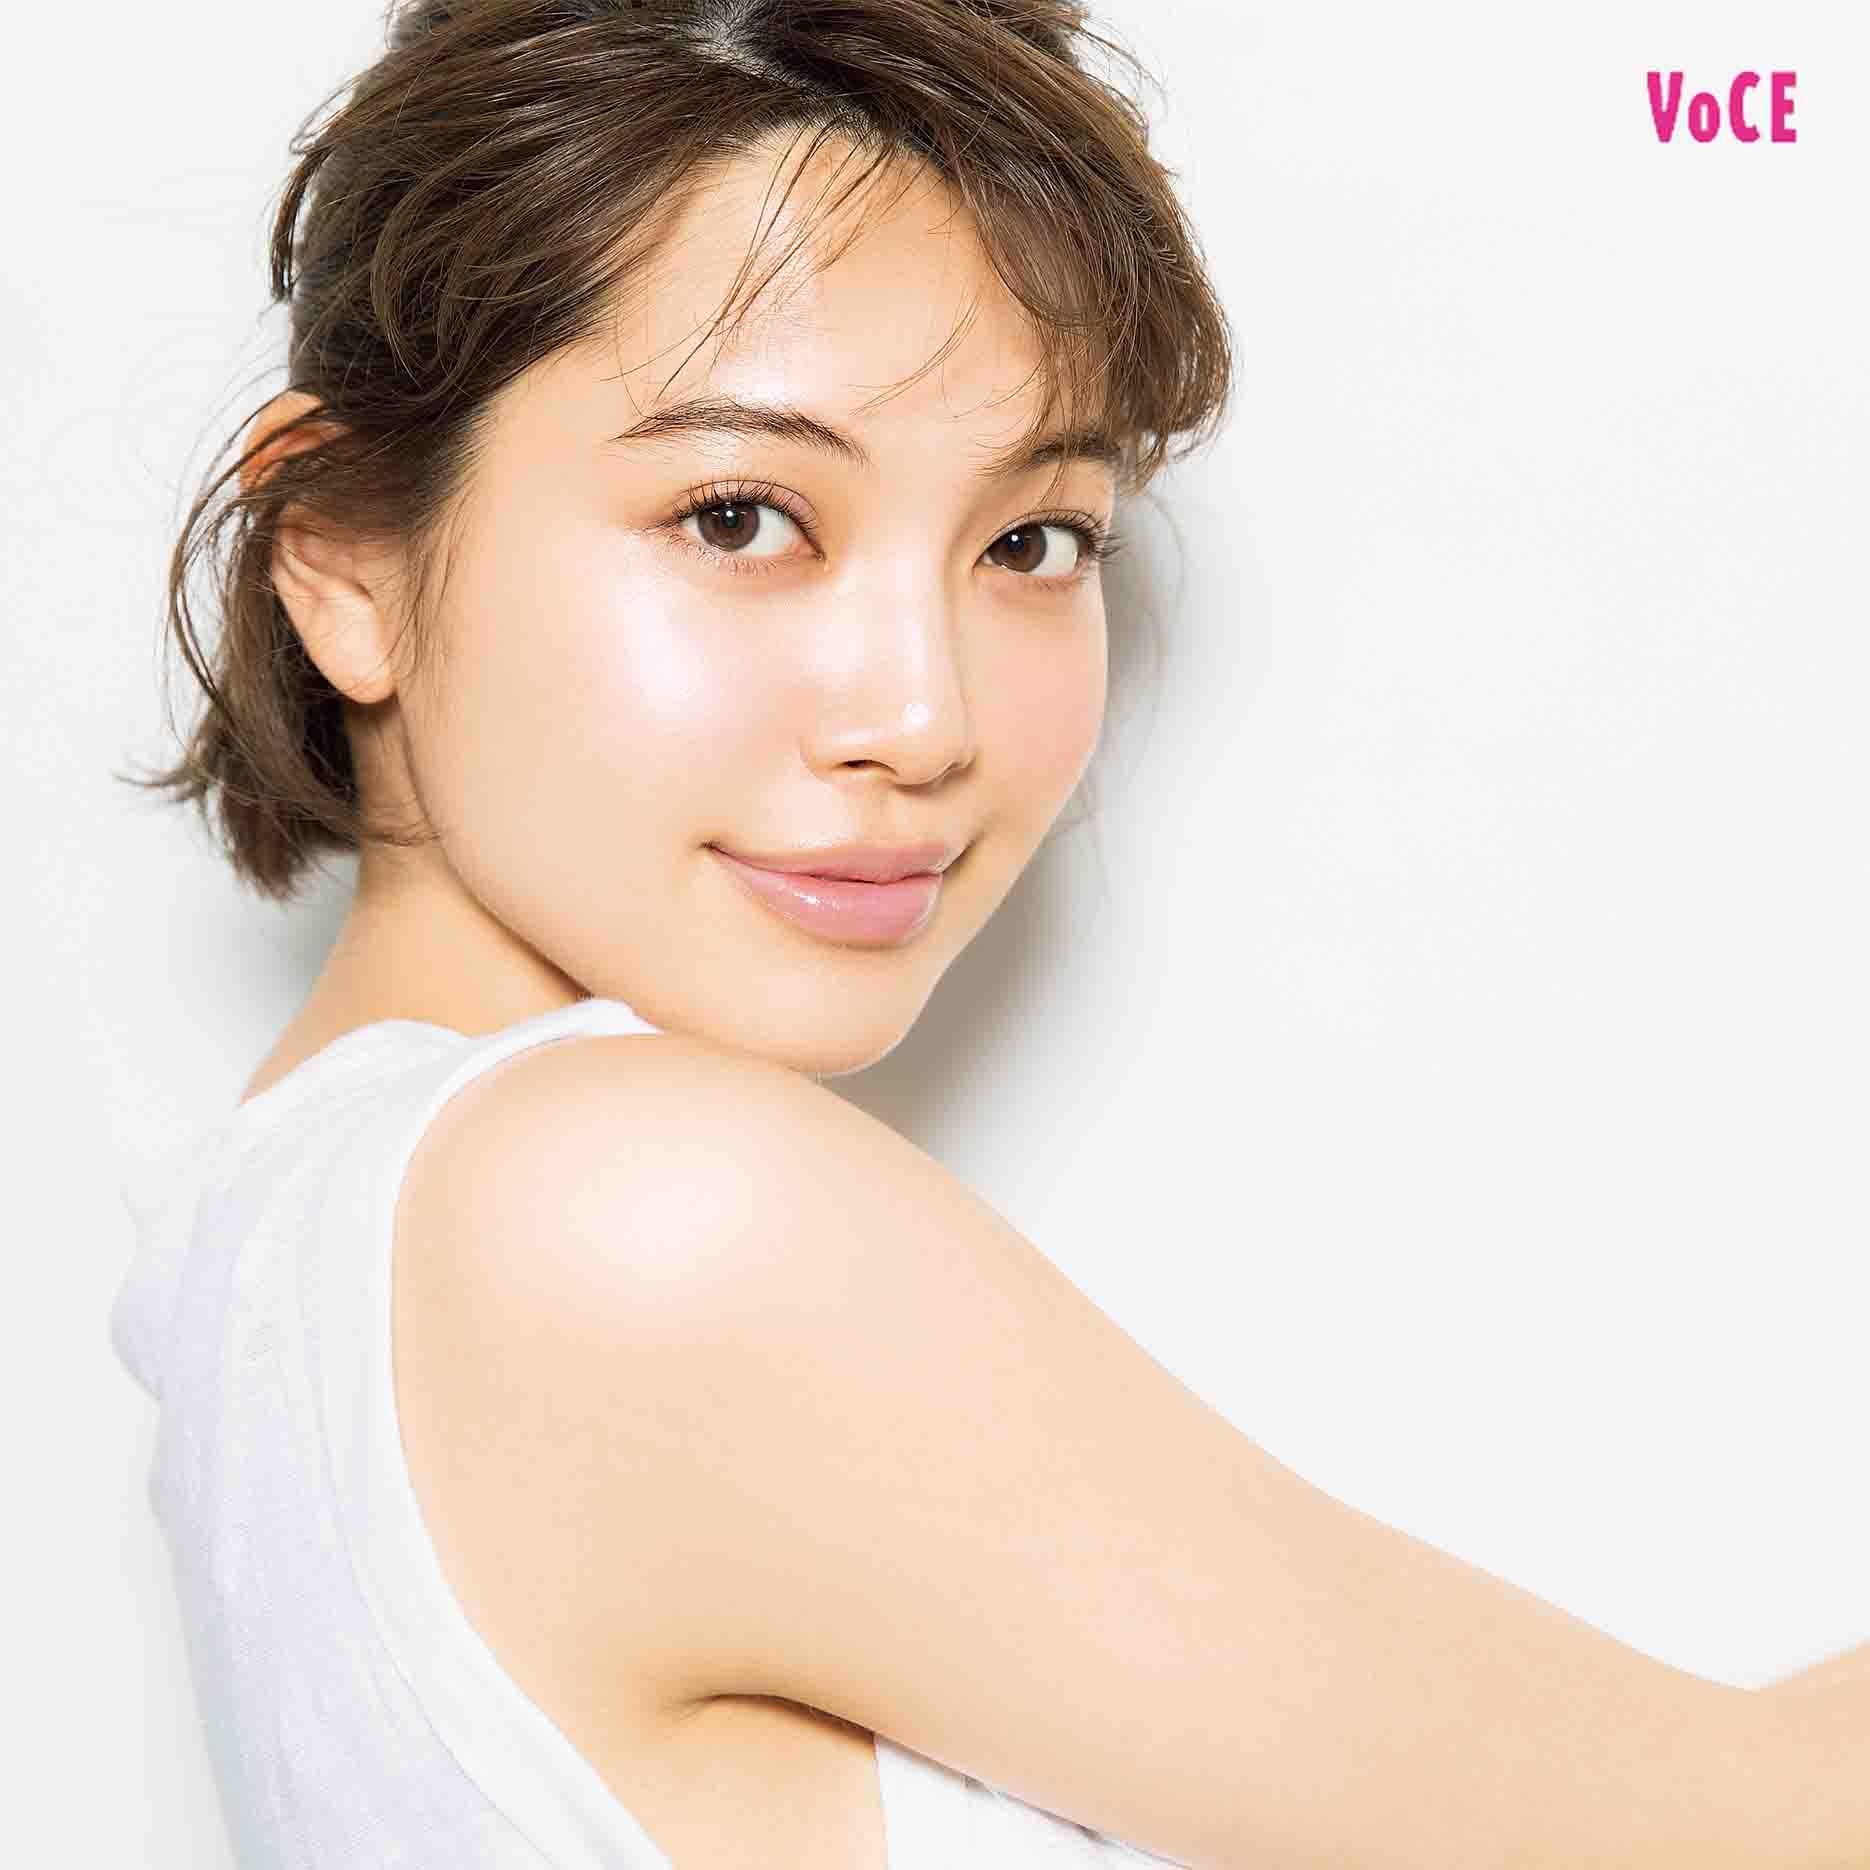 【アラサーモデル】垣内彩未さん 28歳